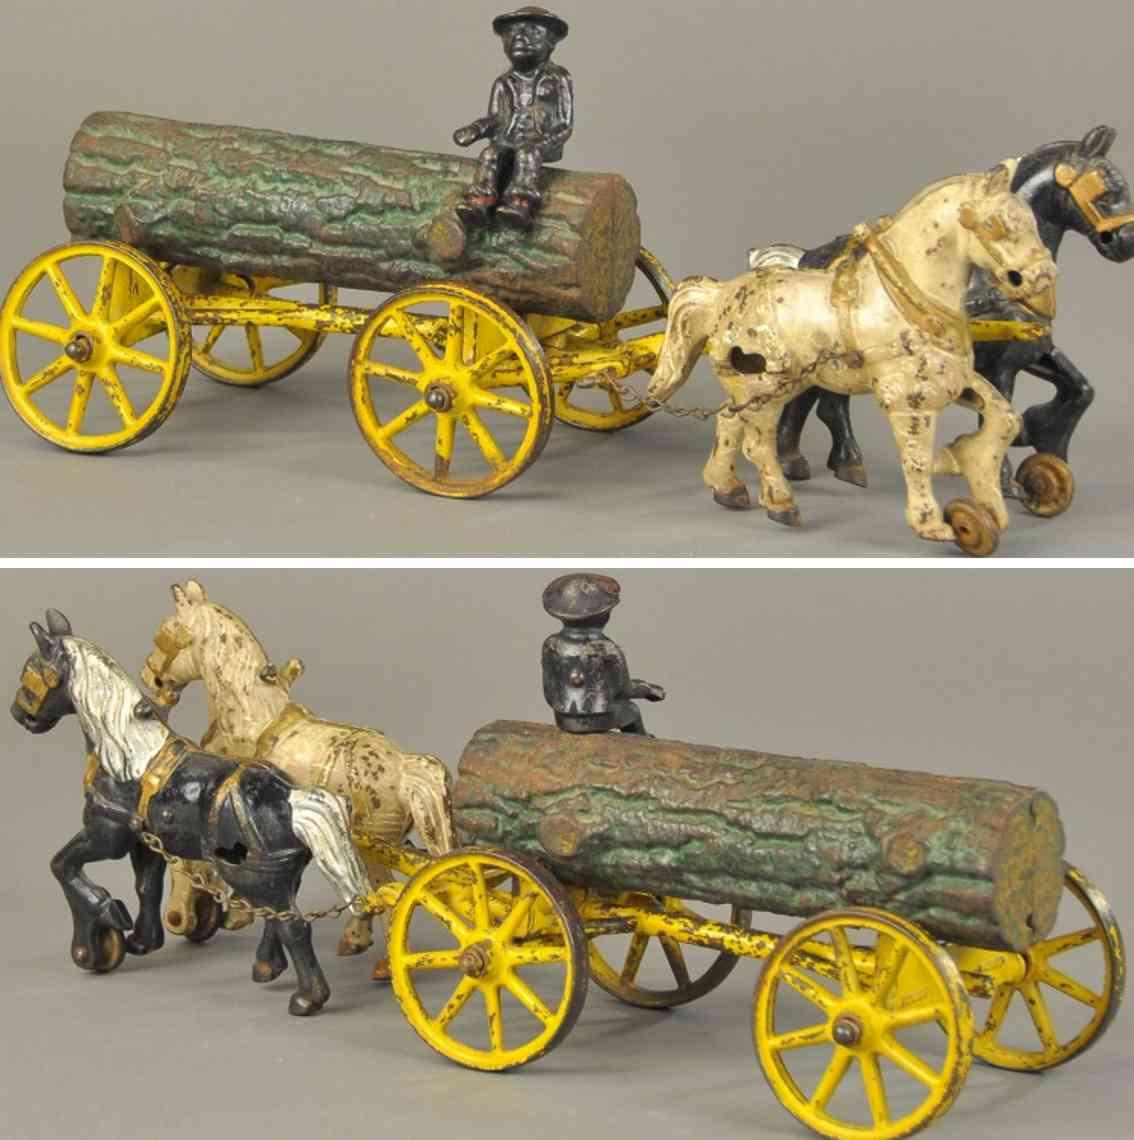 hubley log 2 horses 15 spielzeug gusseisen kutsche mit baum gezogen von zwei pferden, aus gusseisen, ei